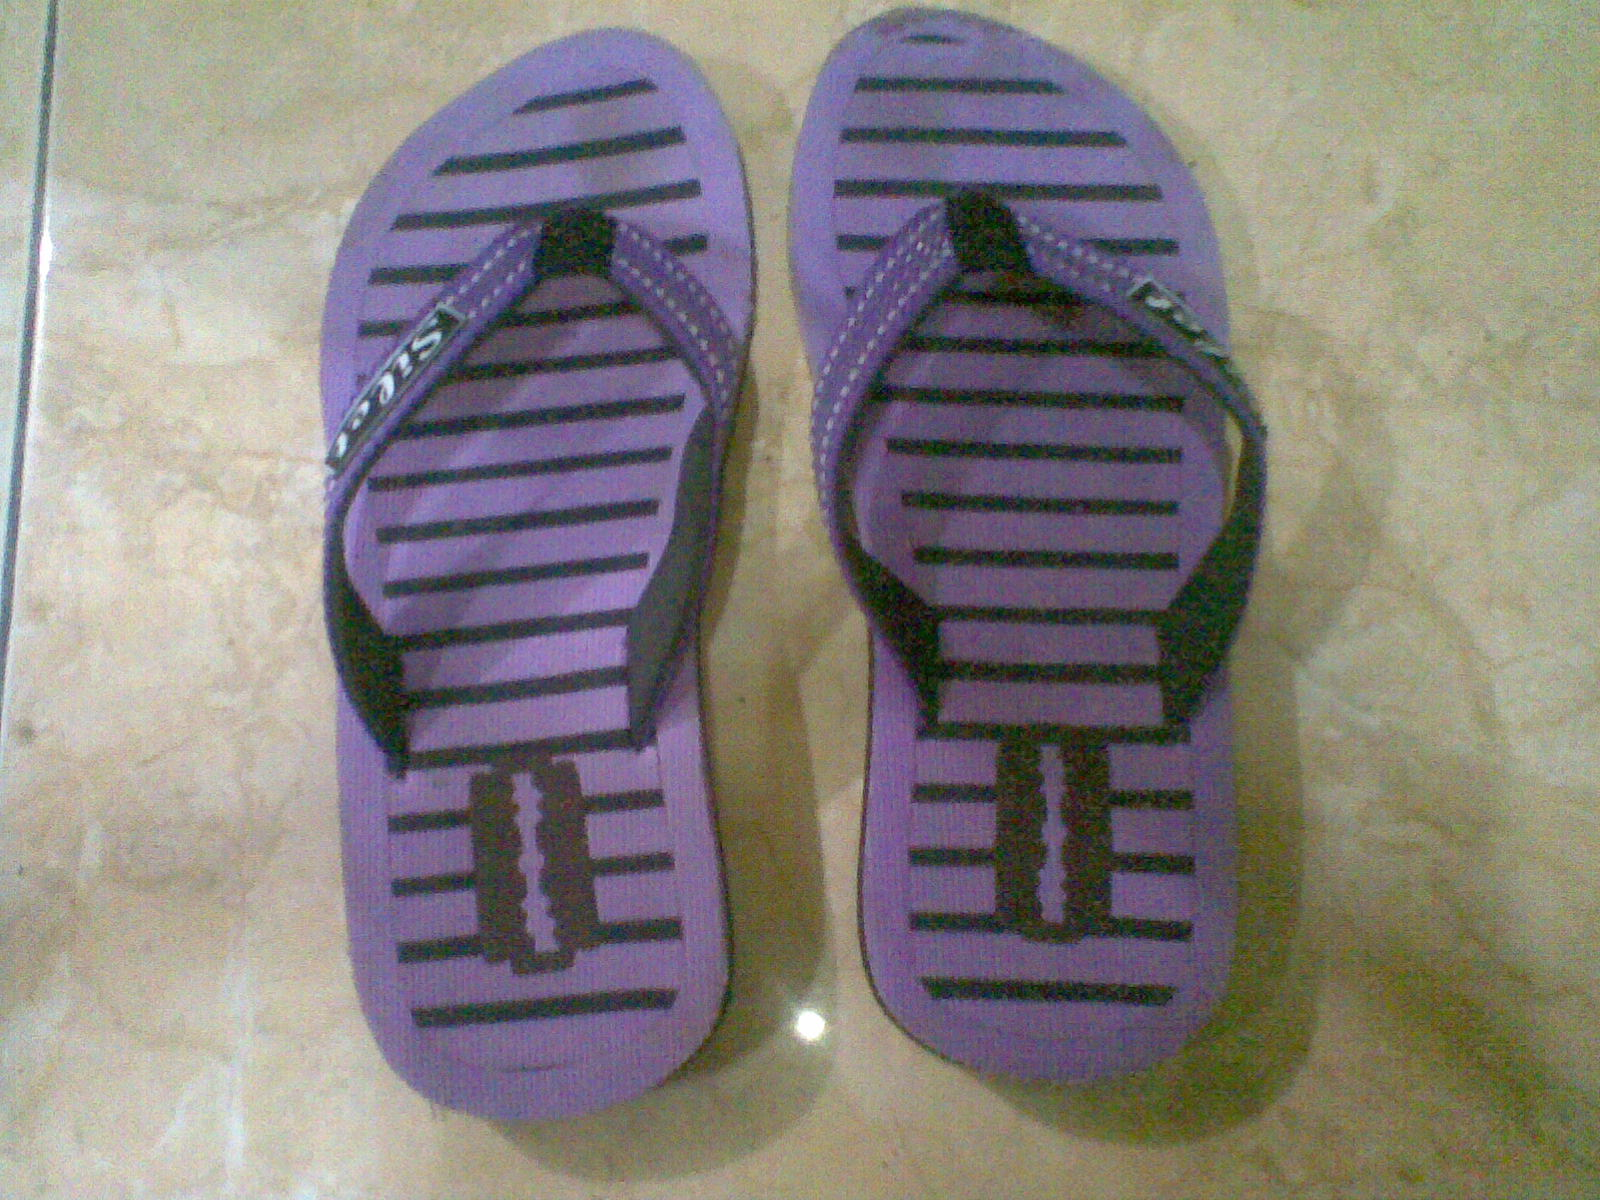 Distributor Jual sandal Pria Wanita Anak-anak lebaran ...